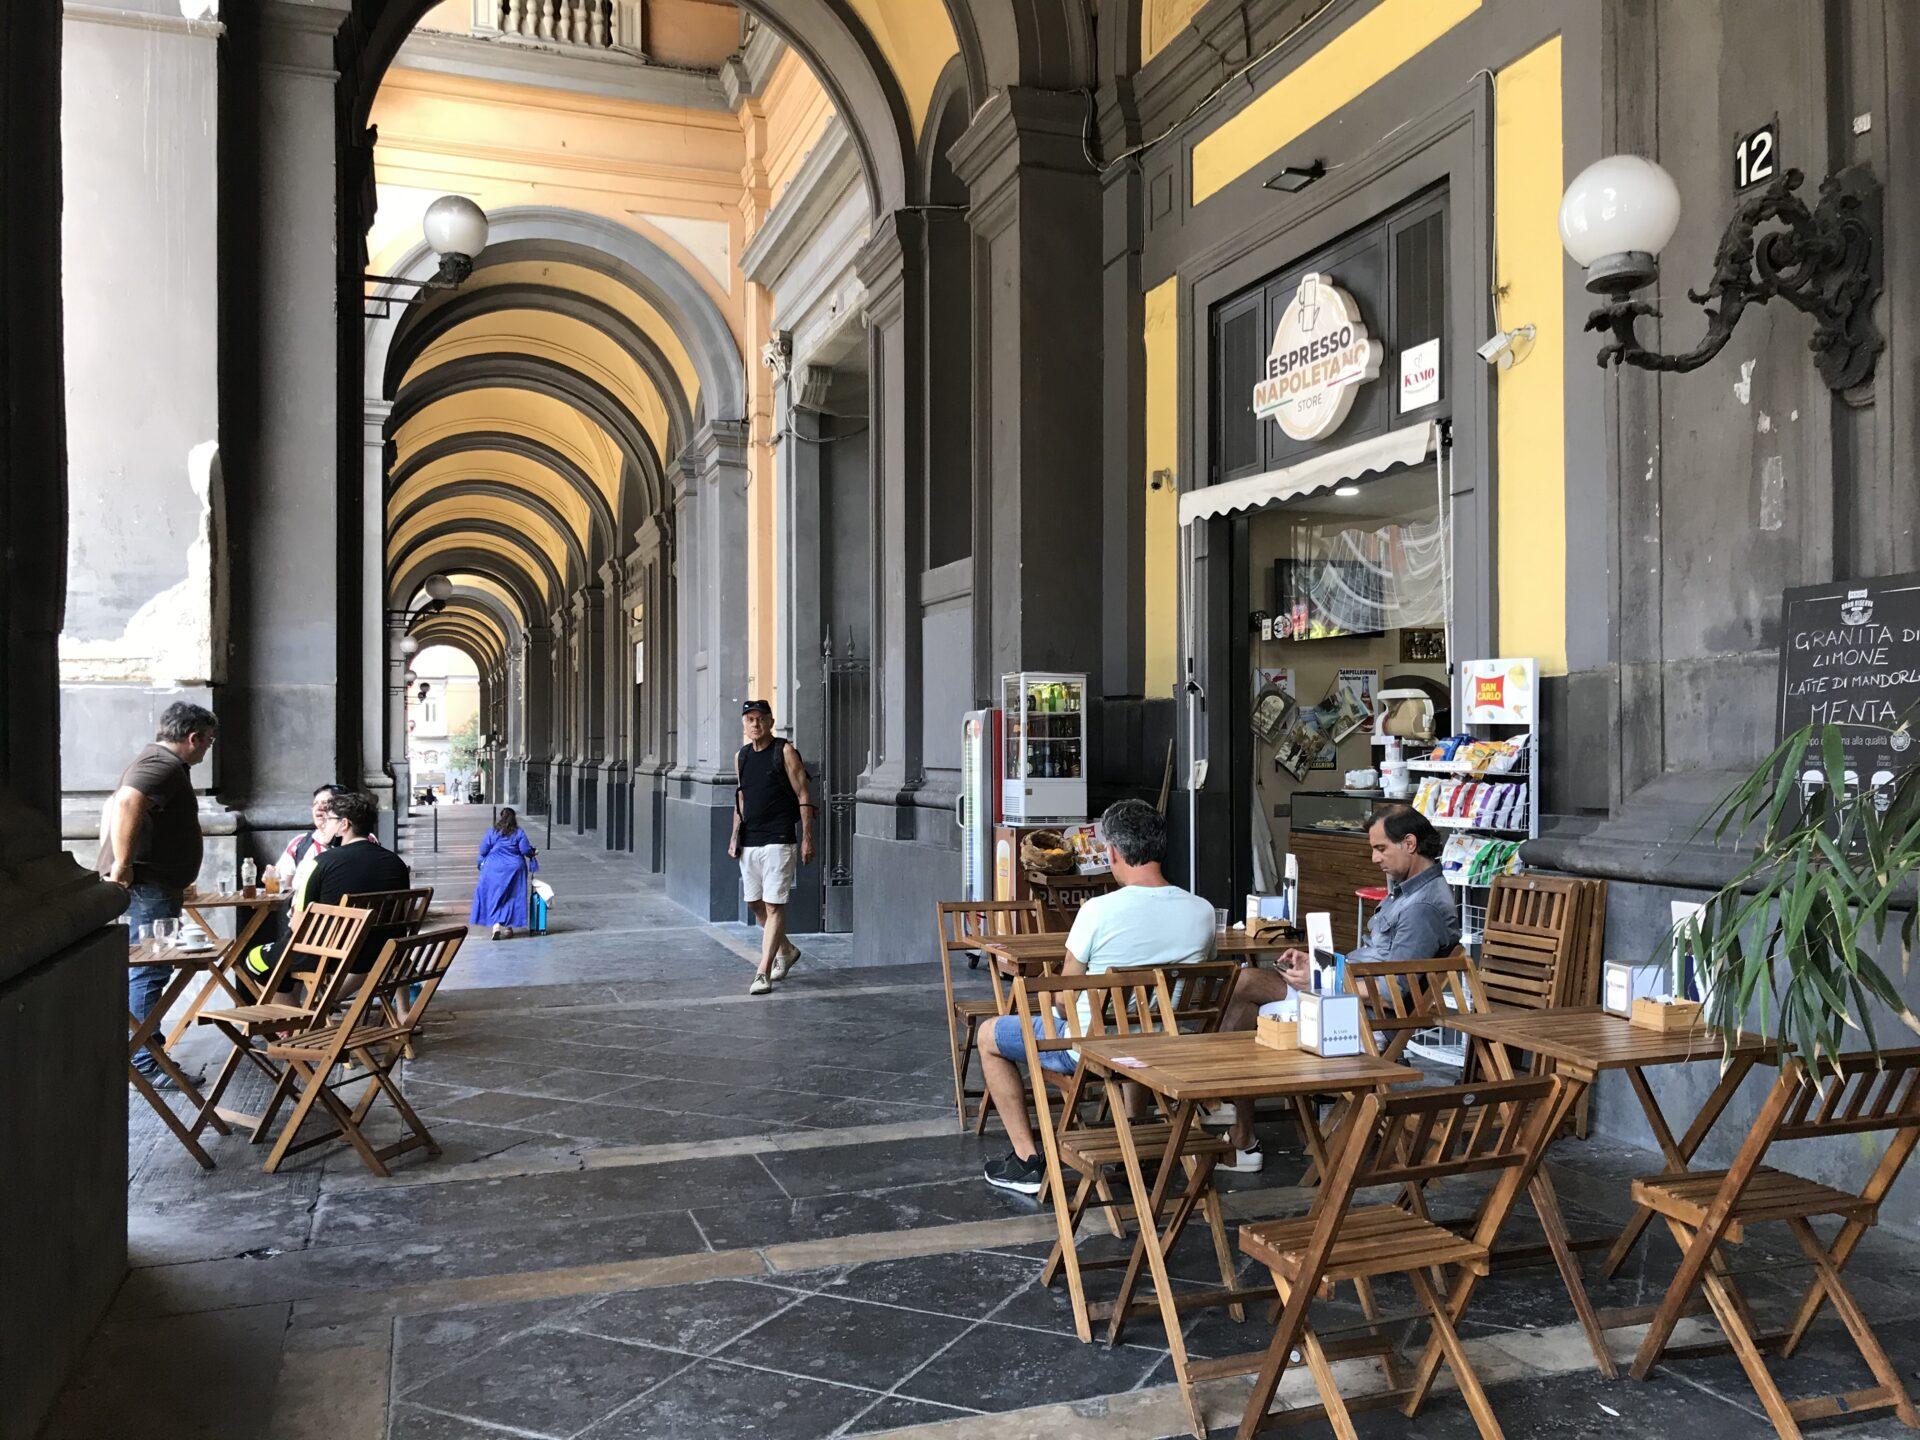 espresso napoletano in der Galleria dei Principi